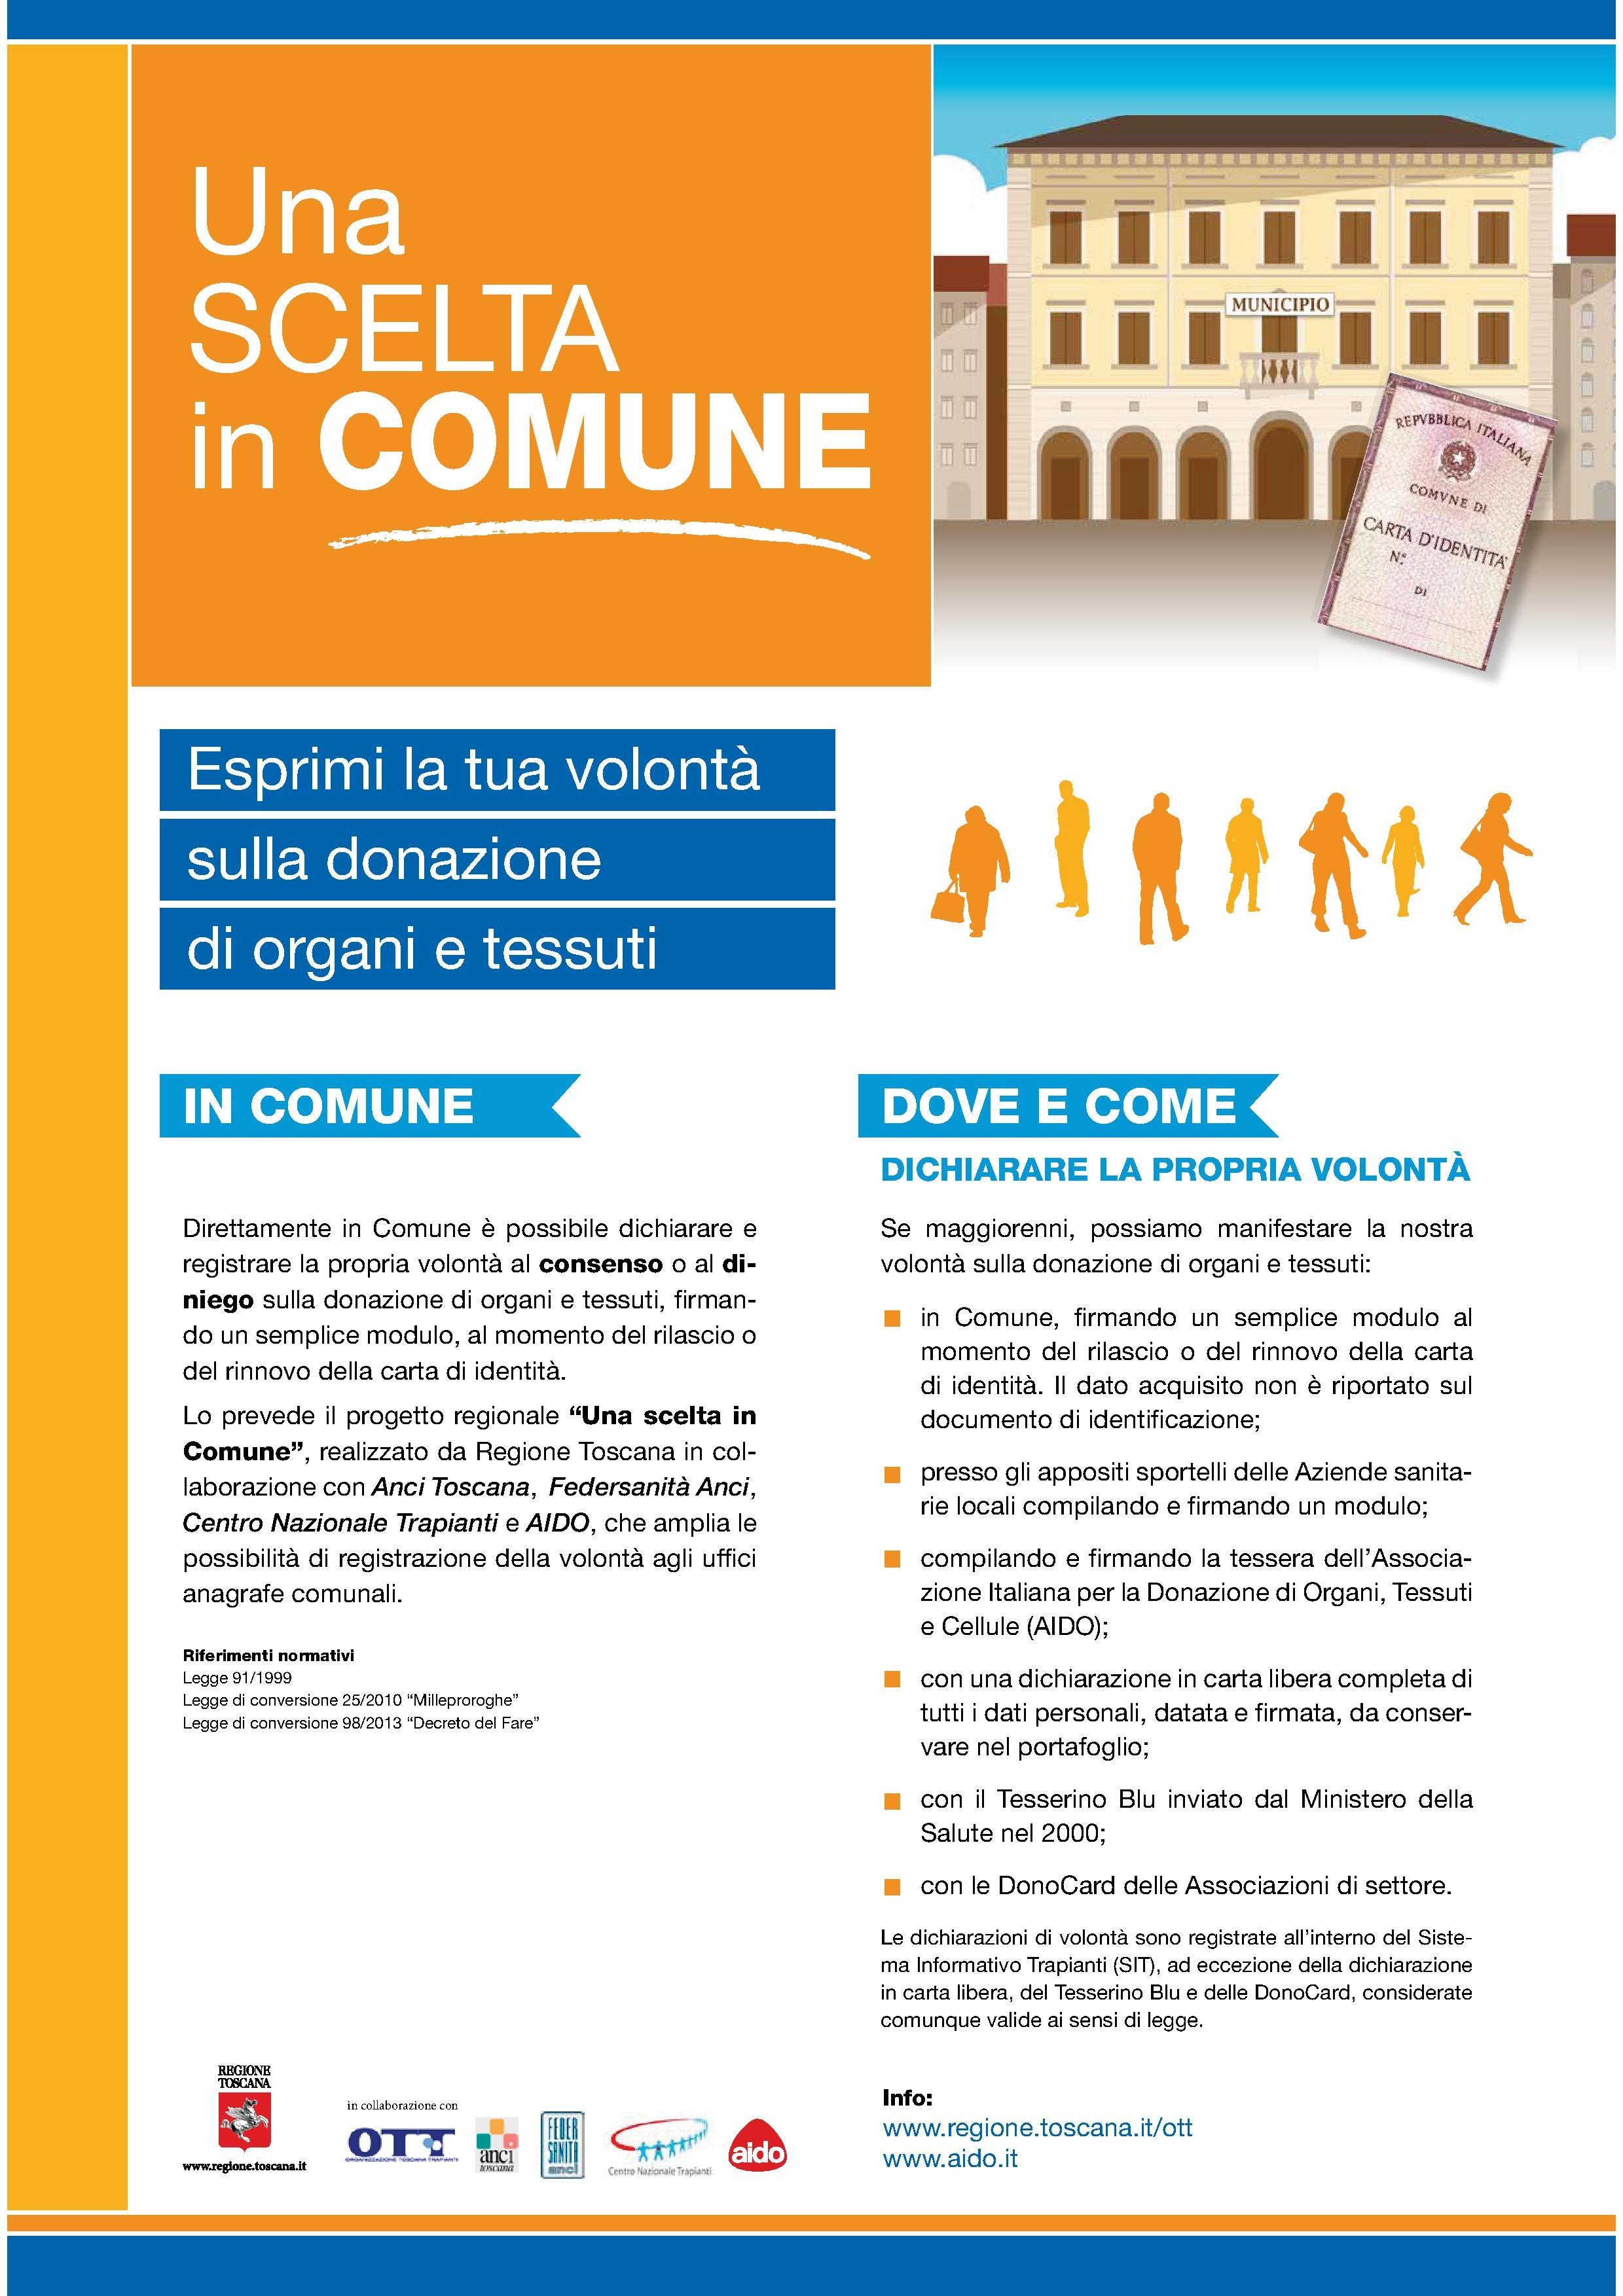 Donazione di organi, un